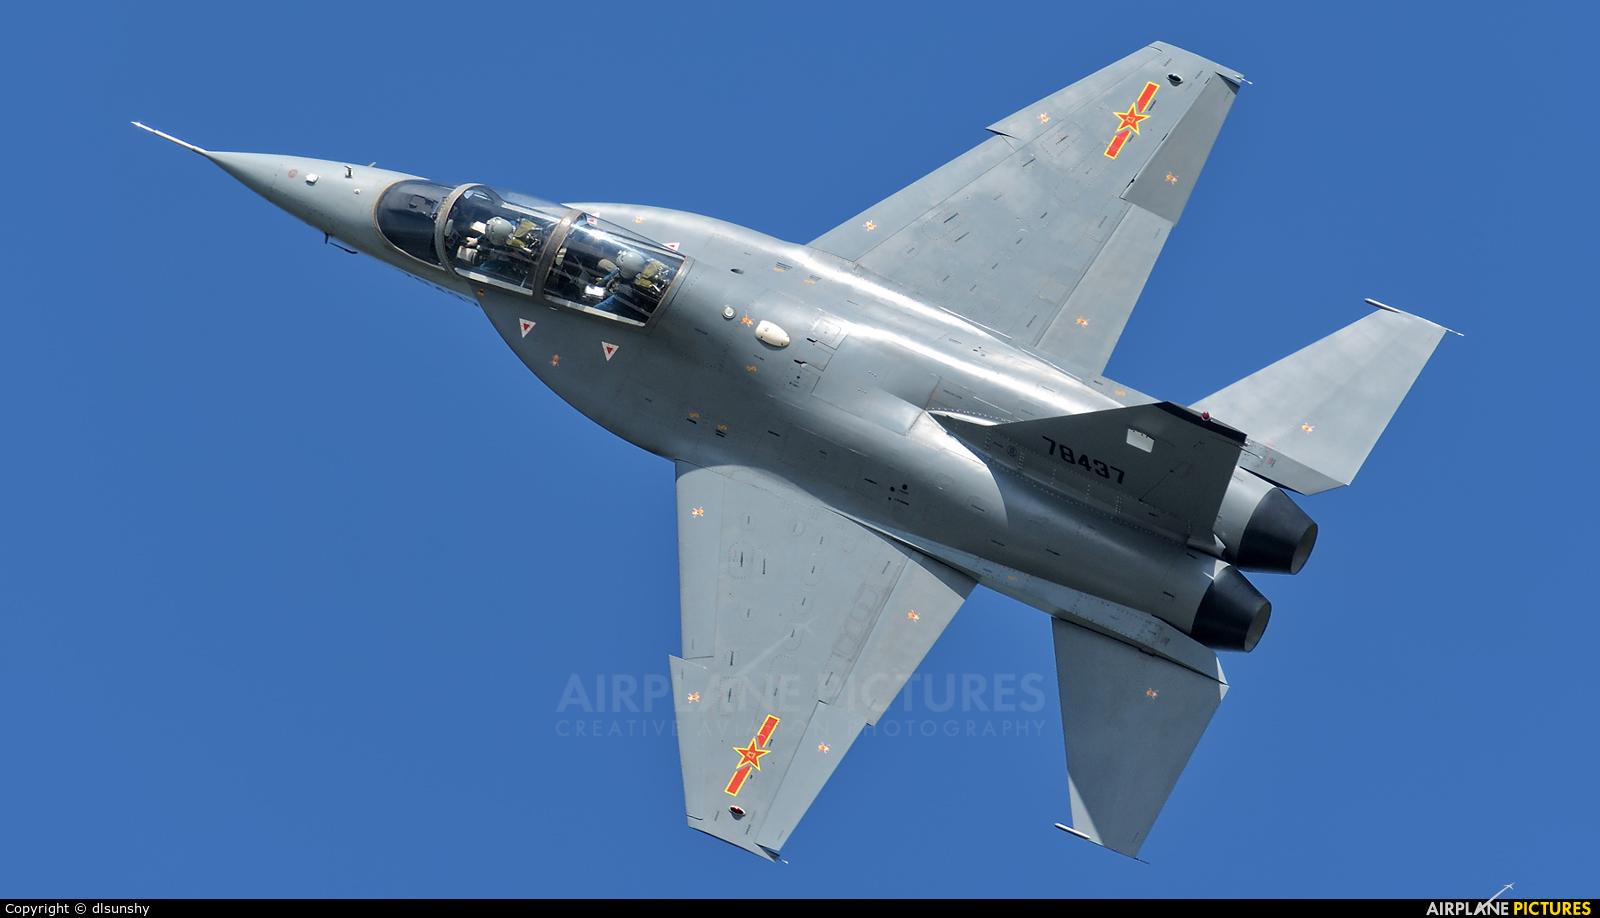 China - Air Force 78437 aircraft at Changchun Dafangshen